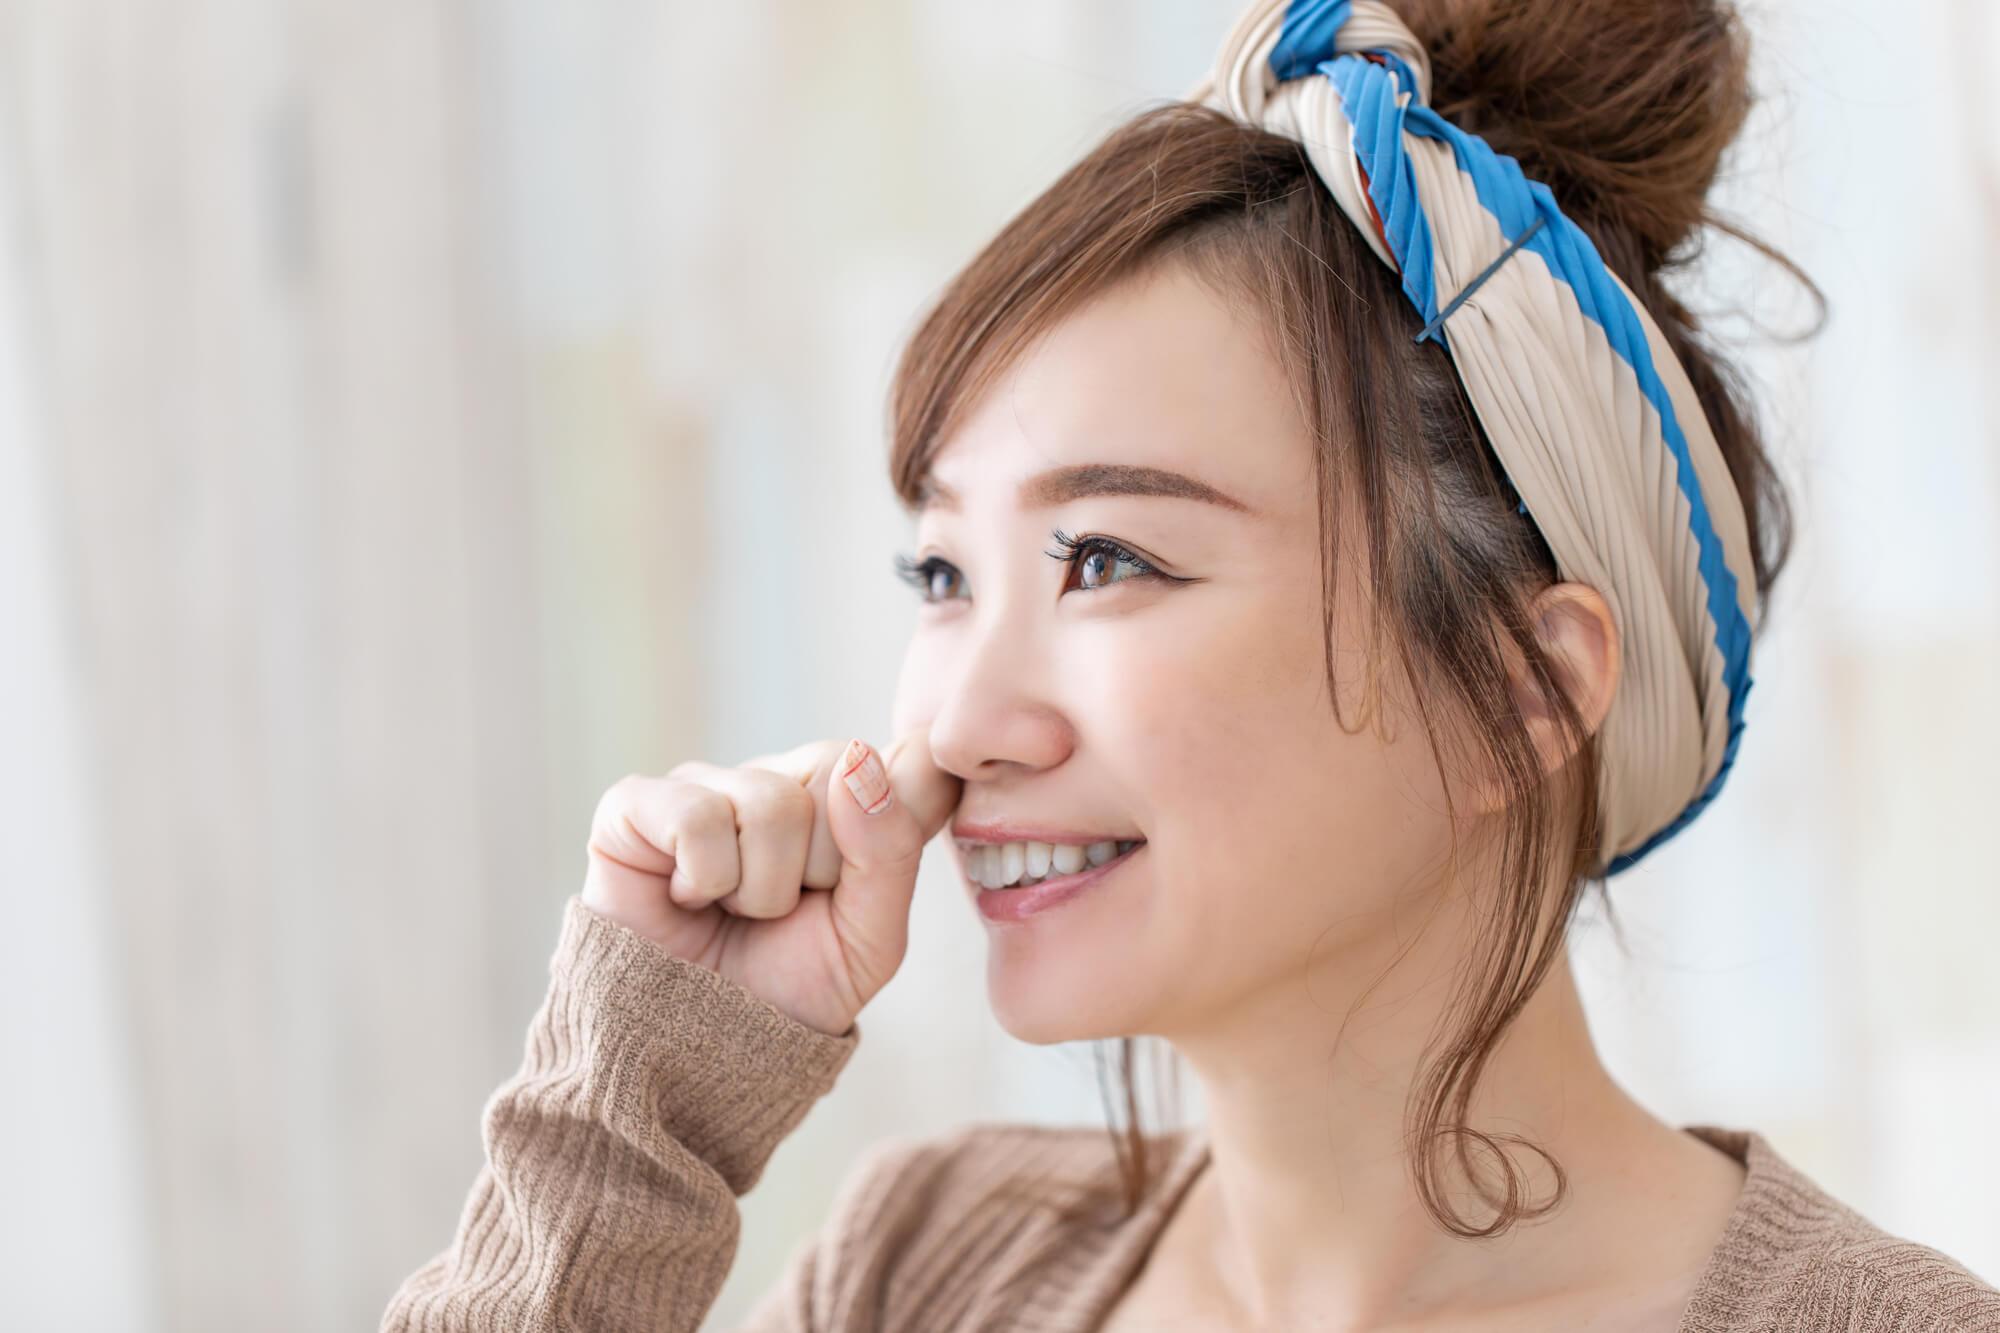 慢性副鼻腔炎治療のまとめ